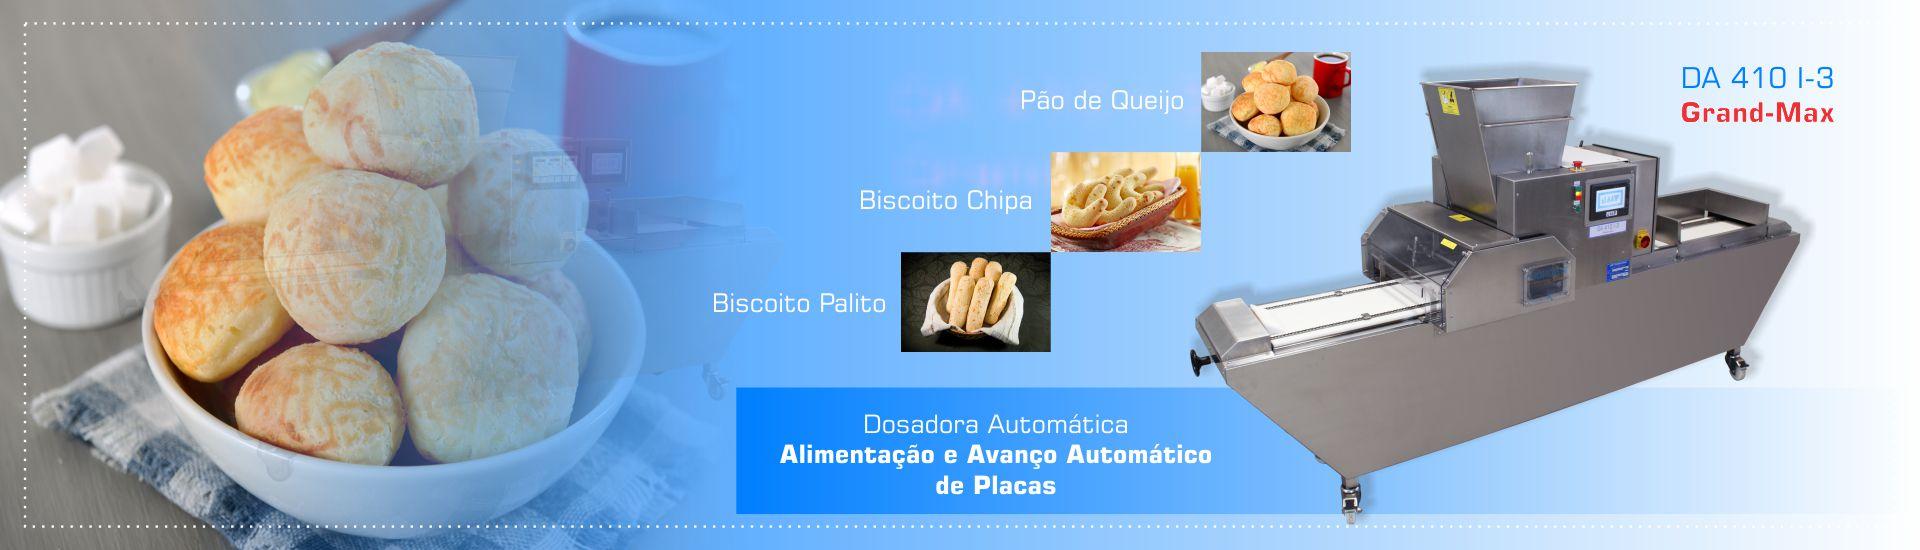 Banner Dosadora Automática